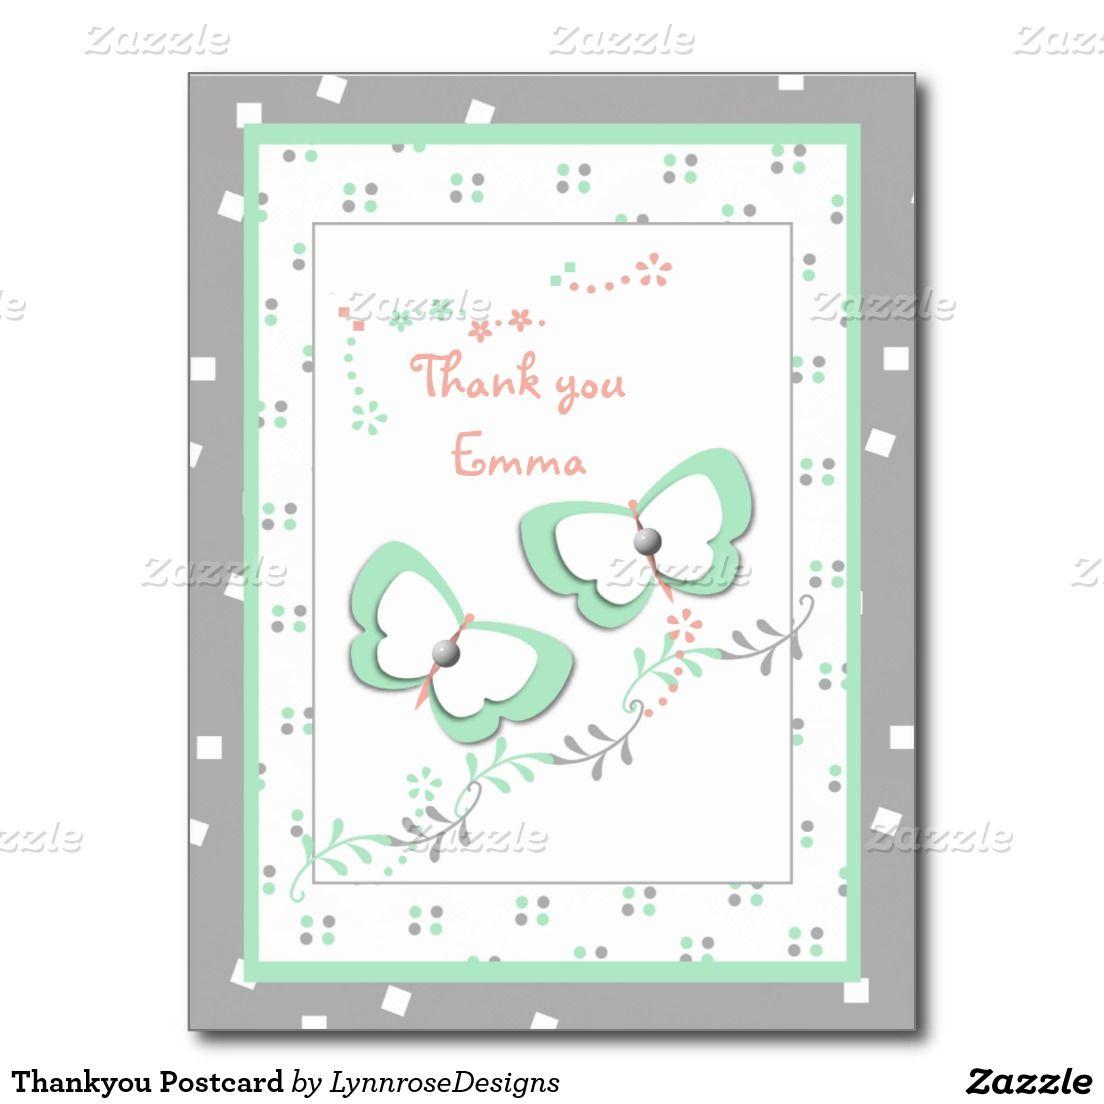 Thankyou Postcard